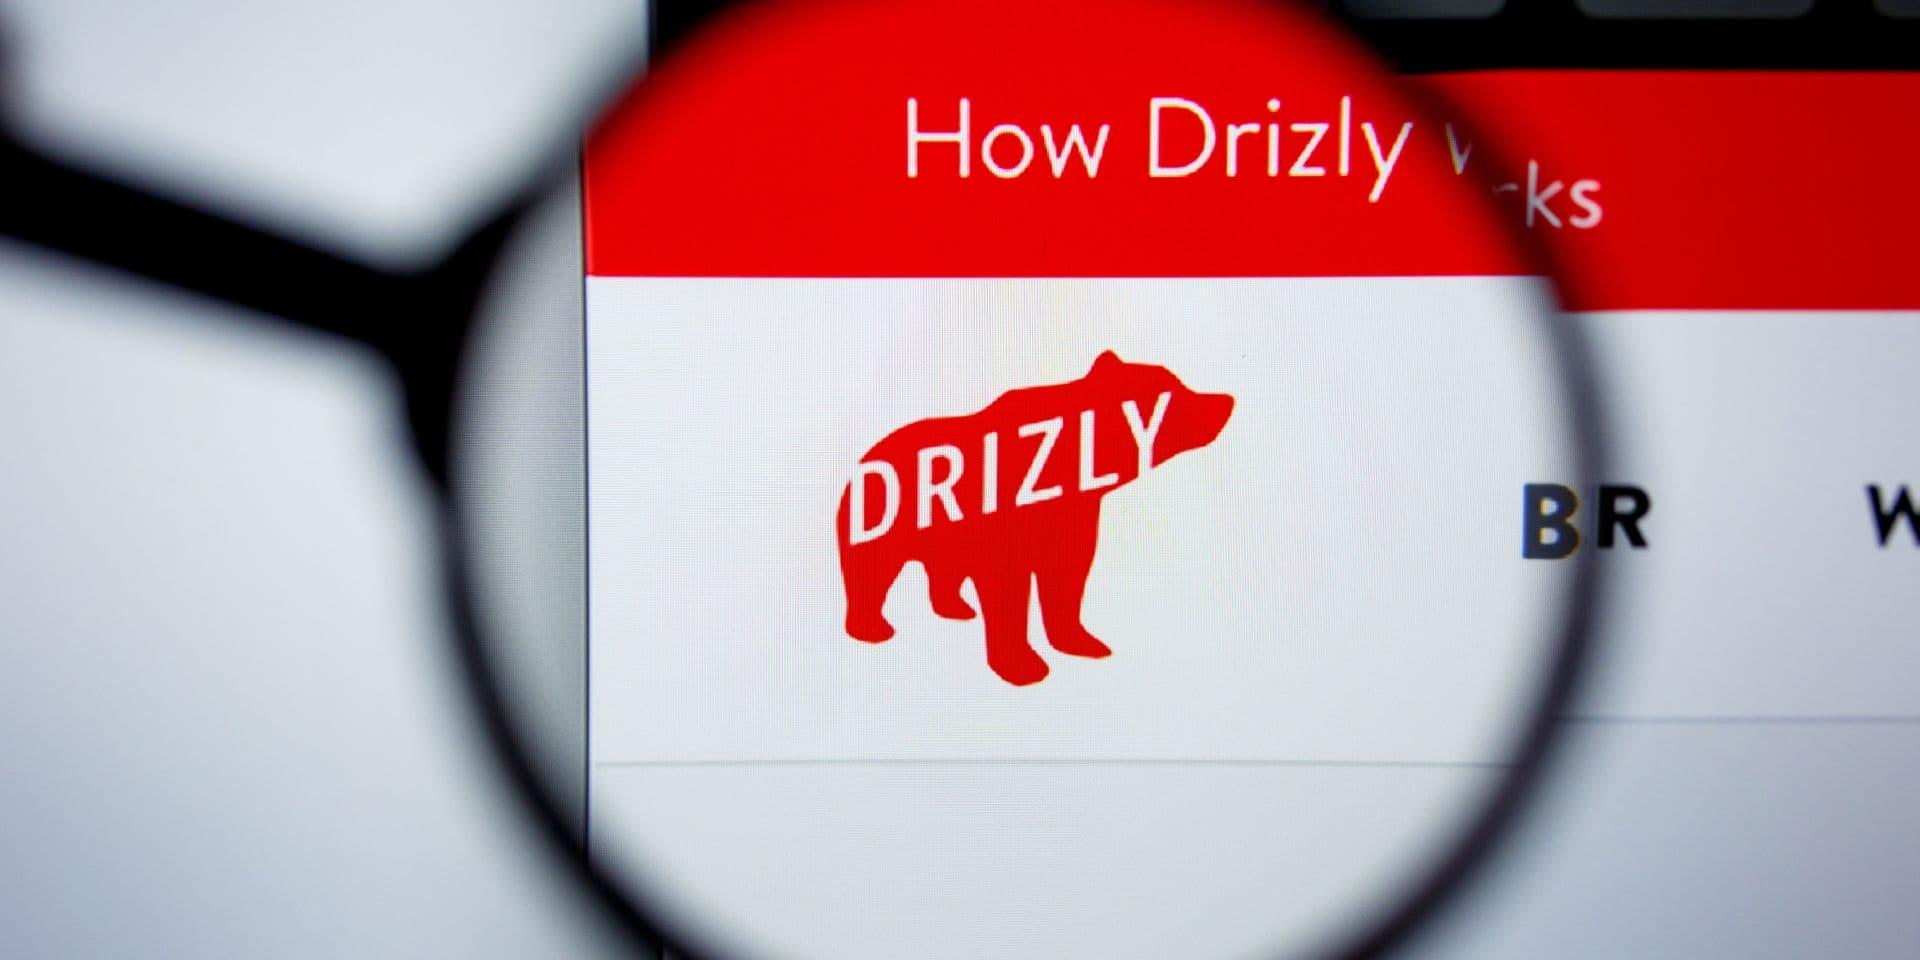 Les commandes auprès de Drizly, société créée il y a huit ans, ont explosé de 300 % en 2020.